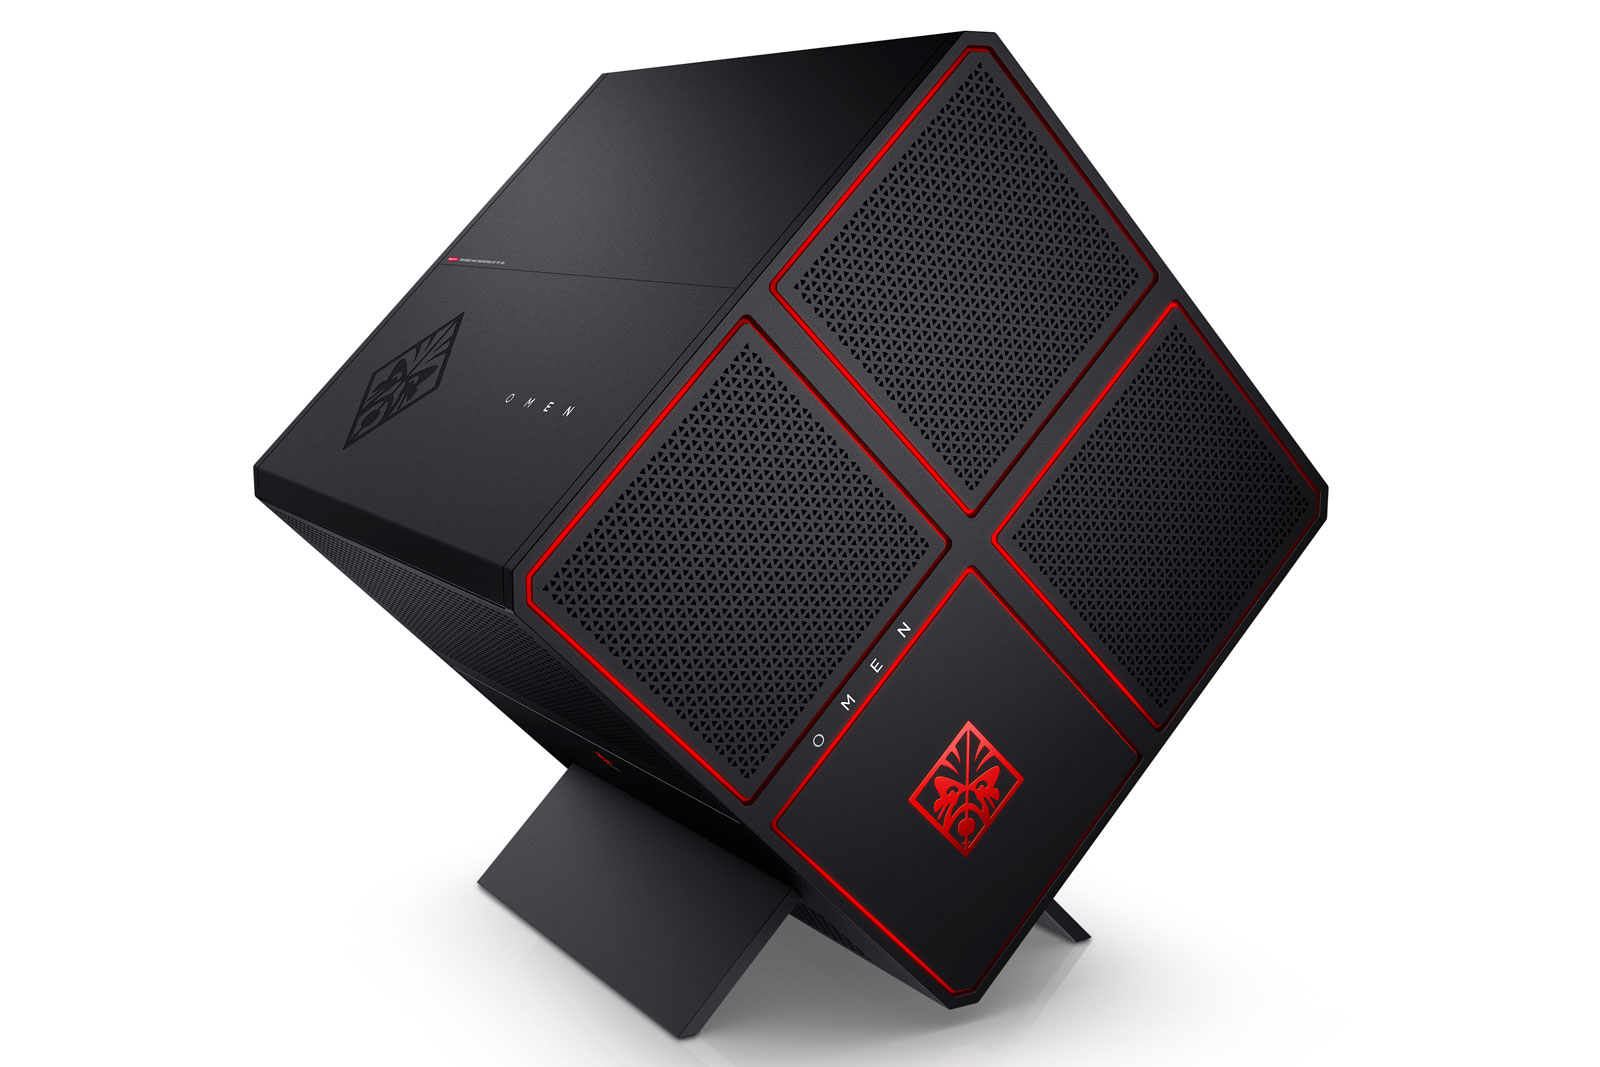 HP Omen X Desktop